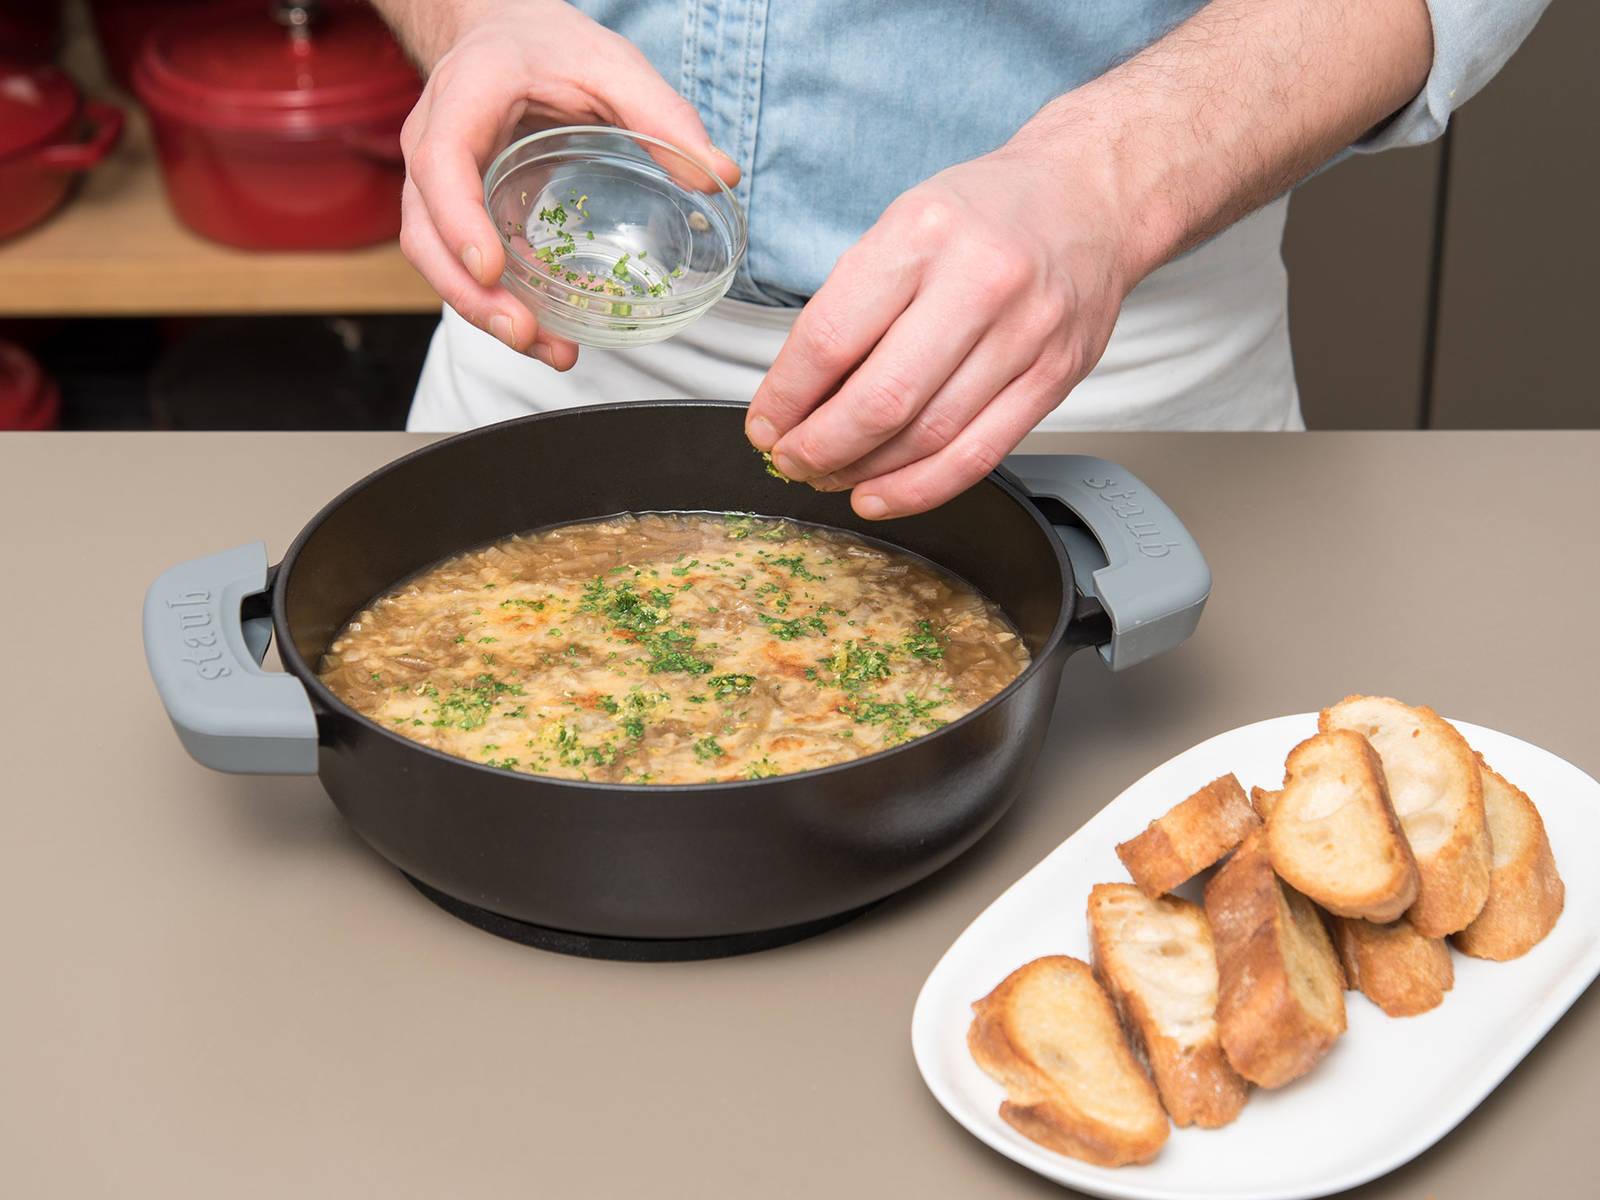 Die Suppe aus dem Backofen nehmen und mit Petersilien-Zitronen-Mischung bestreuen. Mit geröstetem Baguette servieren. Guten Appetit!